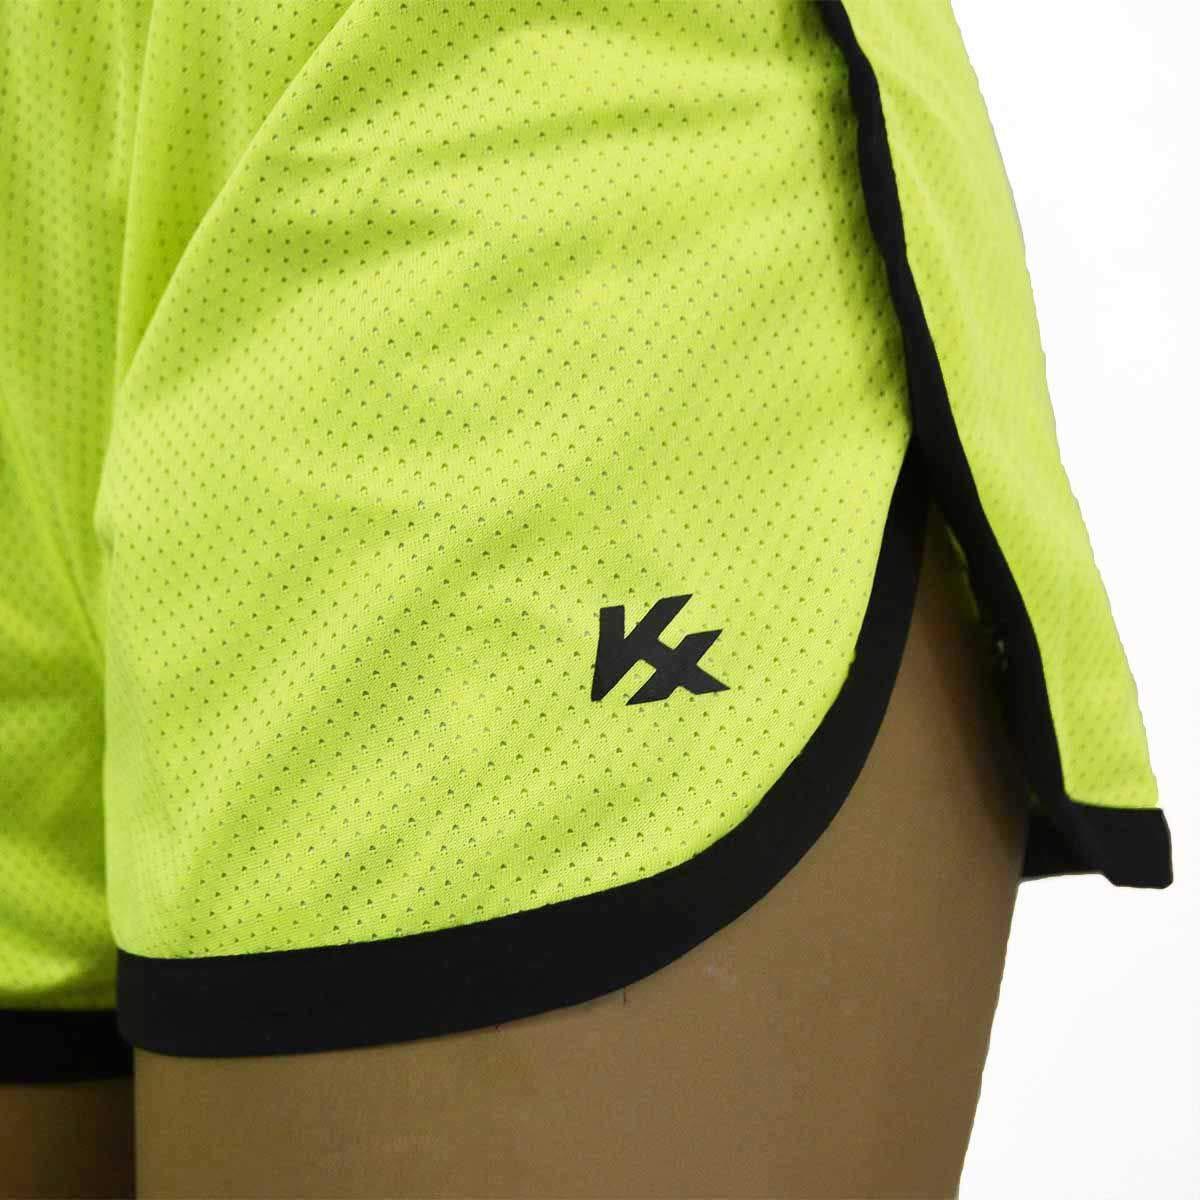 c8ce6ececd Shorts Feminino Kanxa Dupla Face  Amazon.com.br  Esportes e Aventura